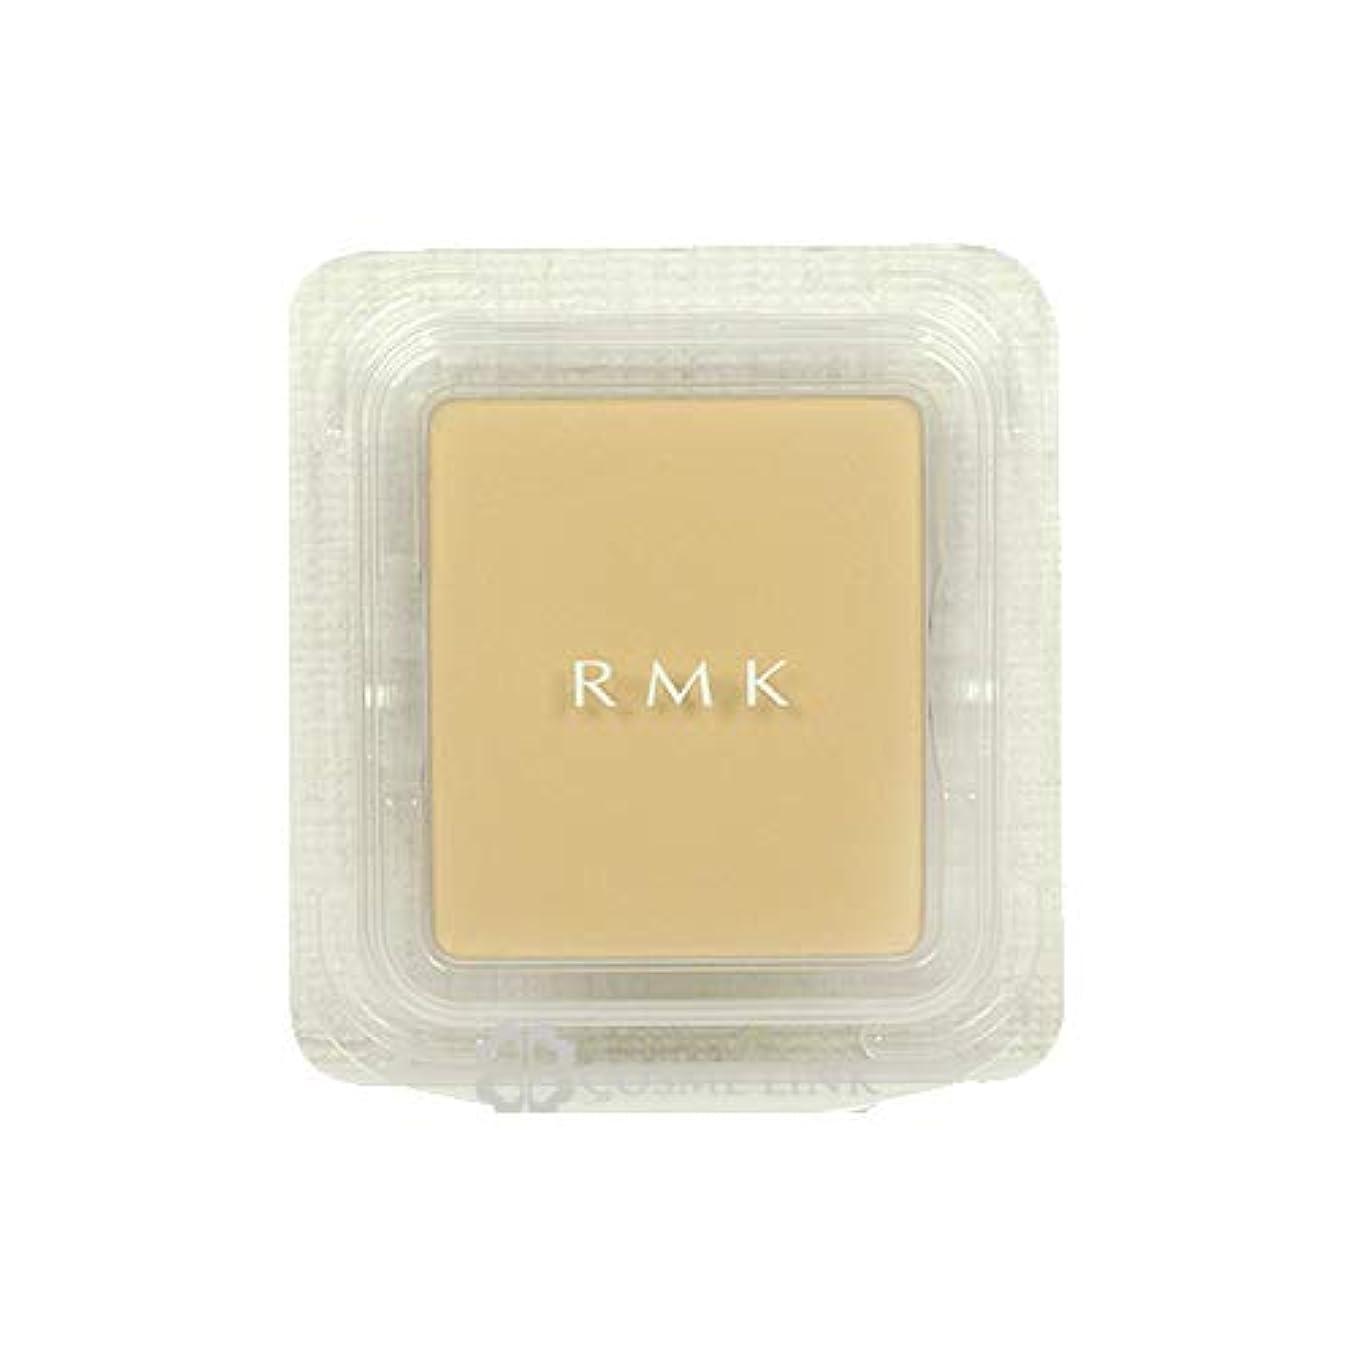 スラム因子放射能RMK アールエムケー UVパウダー ファンデーション(レフィル) #102 11g [並行輸入品]